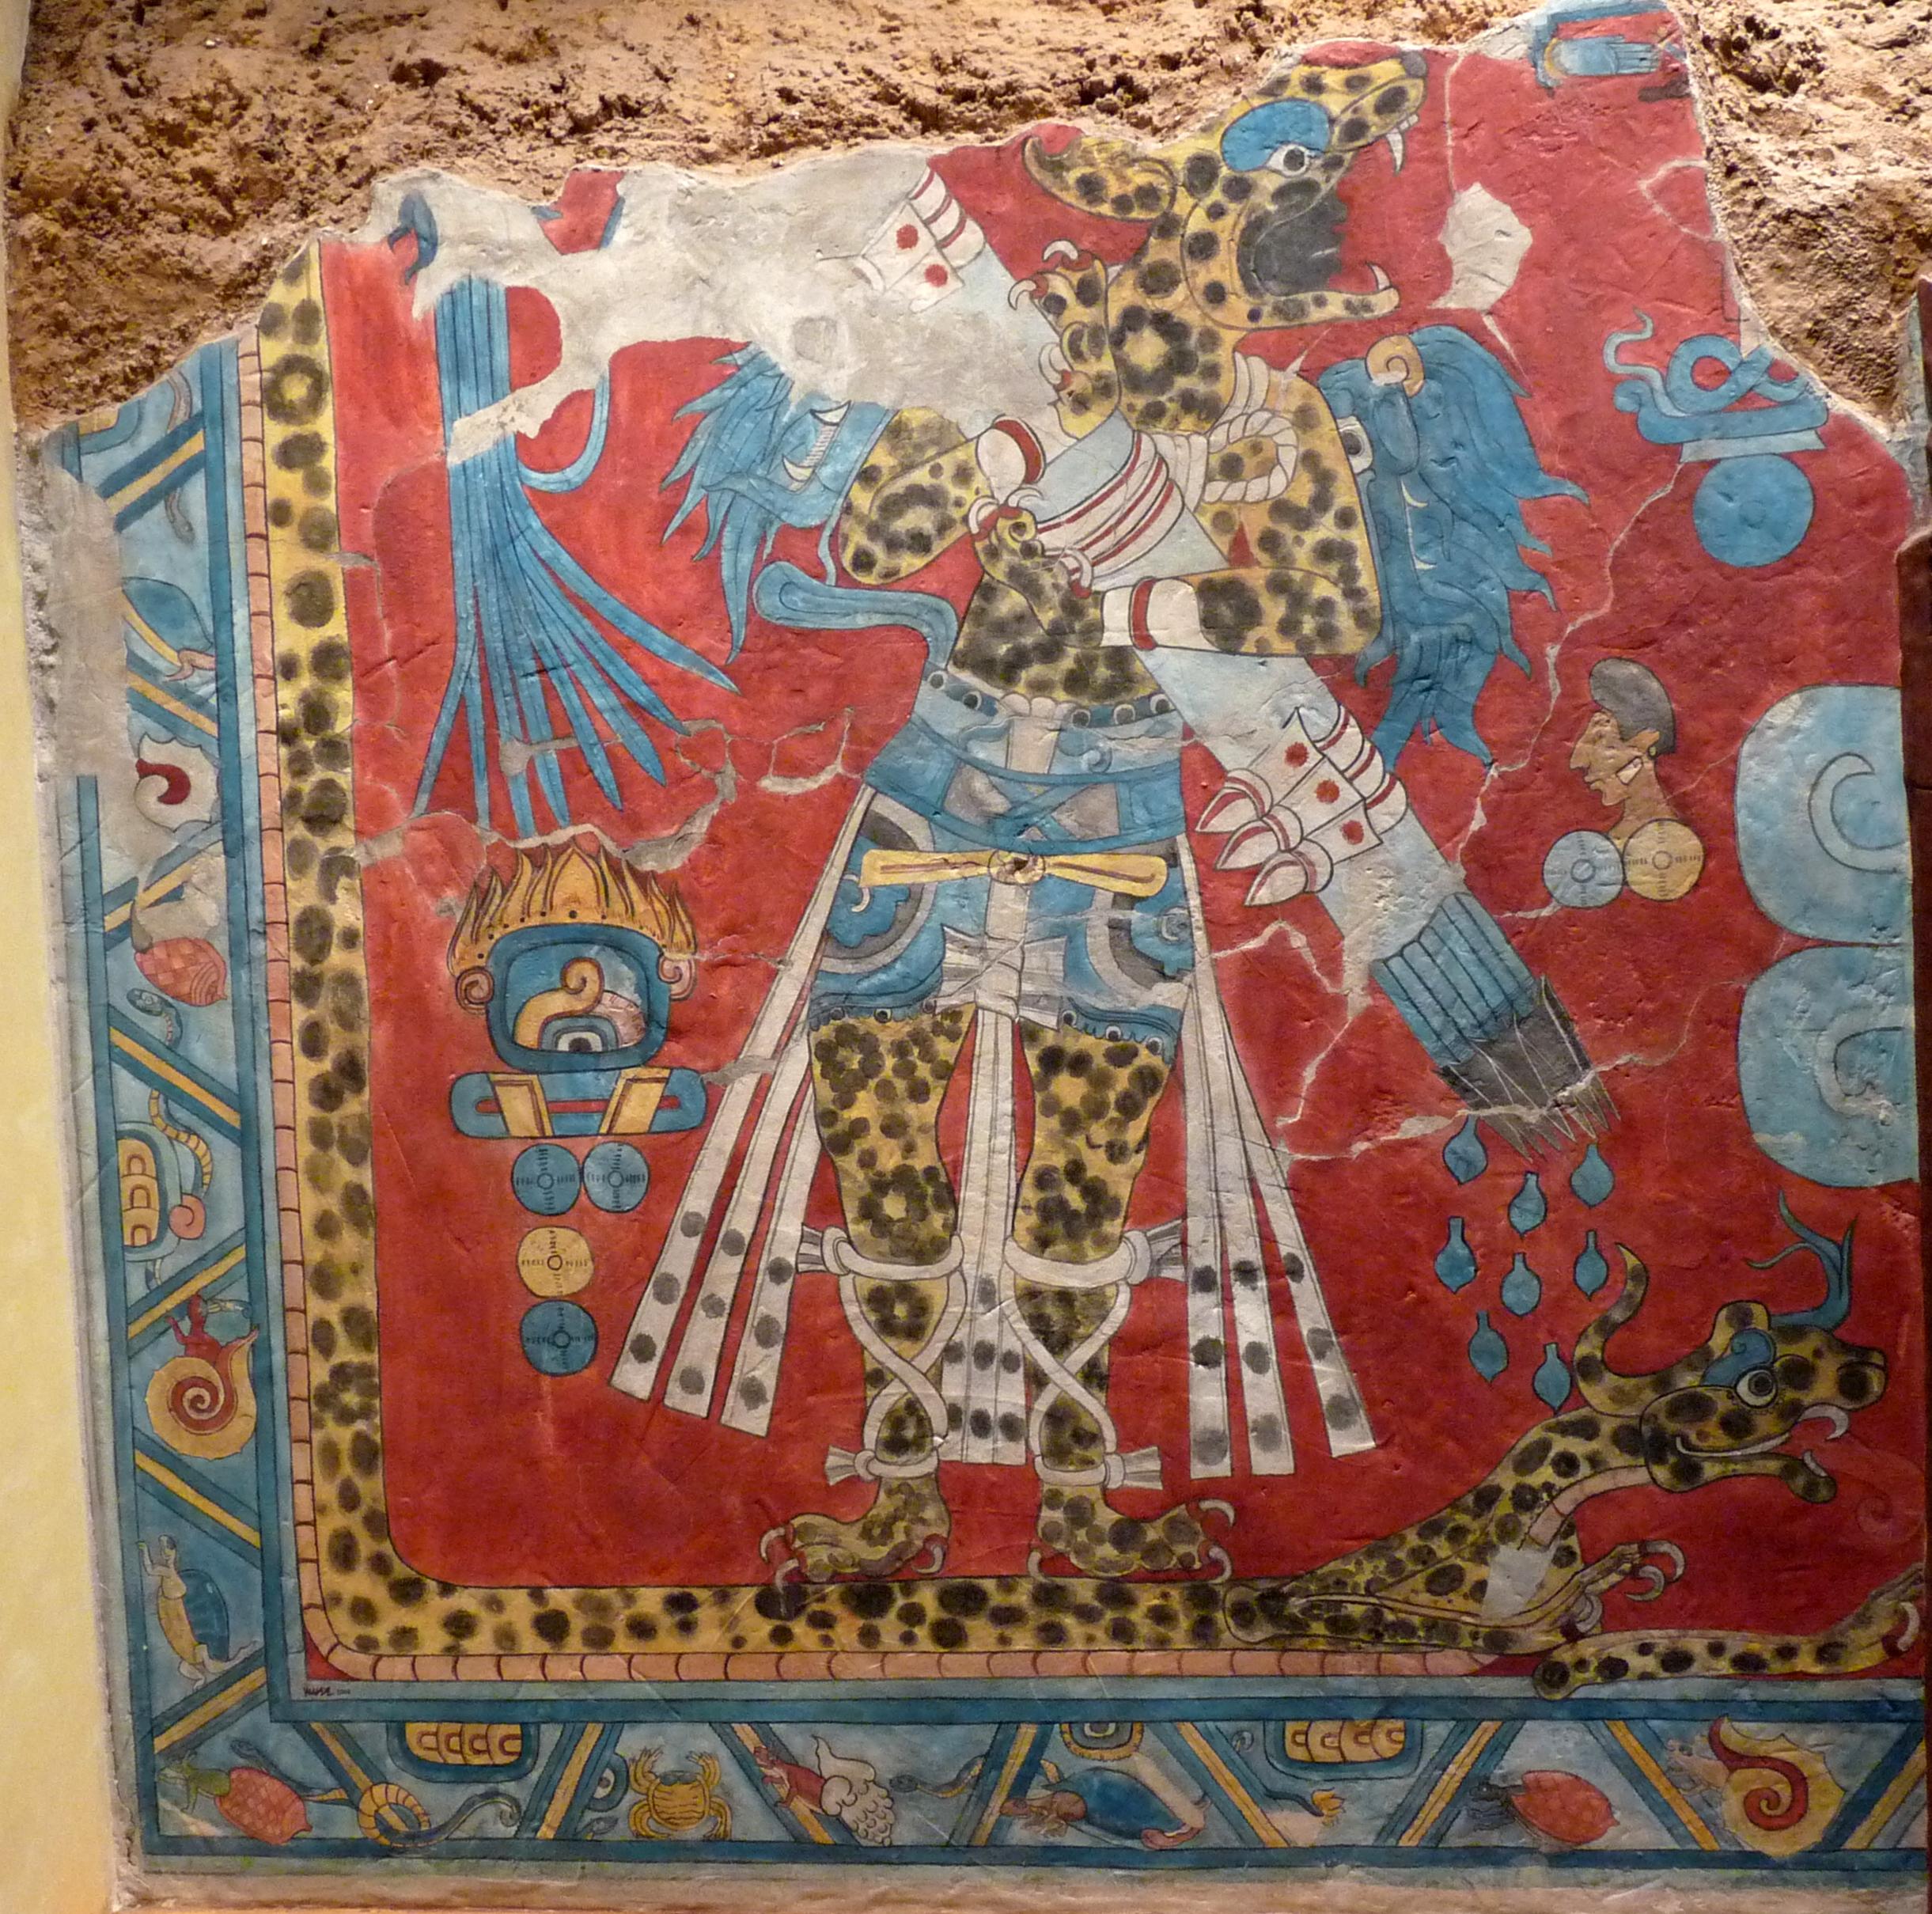 Cacaxtla for El mural de bonampak